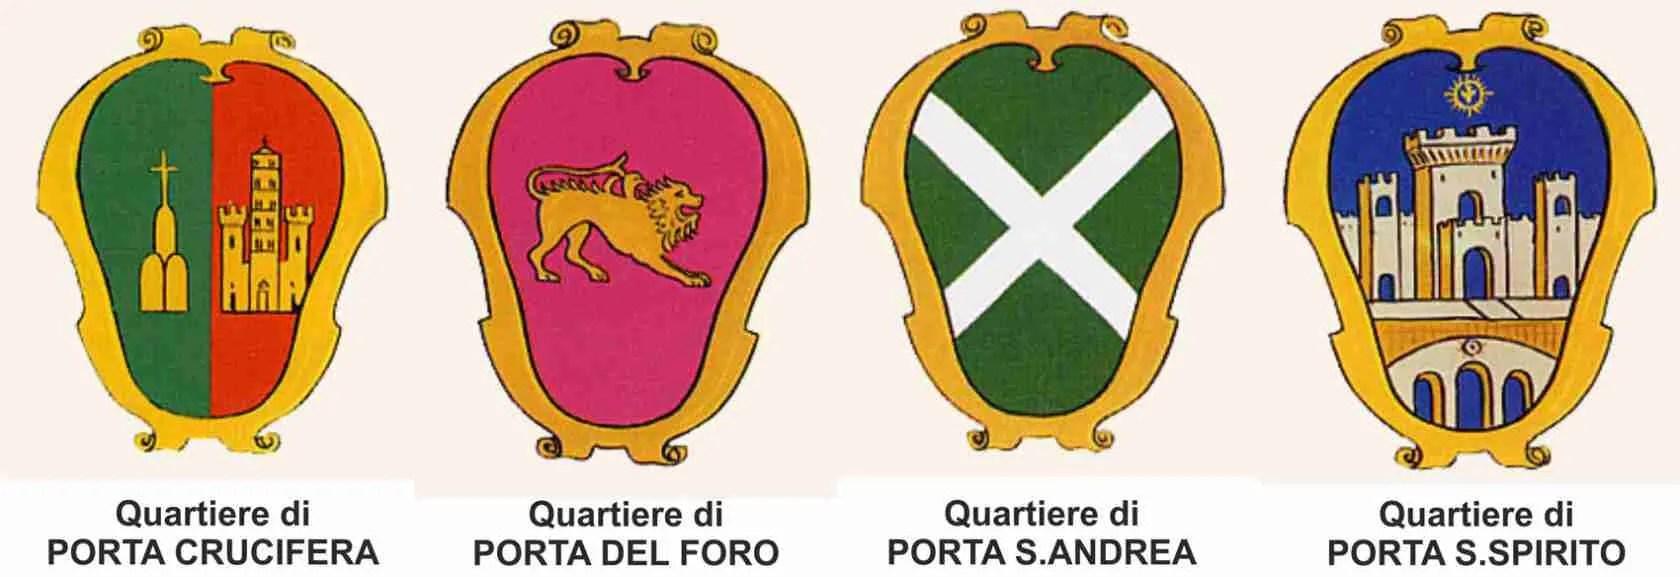 I quattro quartieri che partecipano alla Giostra del Saracino di Arezzo, evento imperdibile per le escort Arezzo.